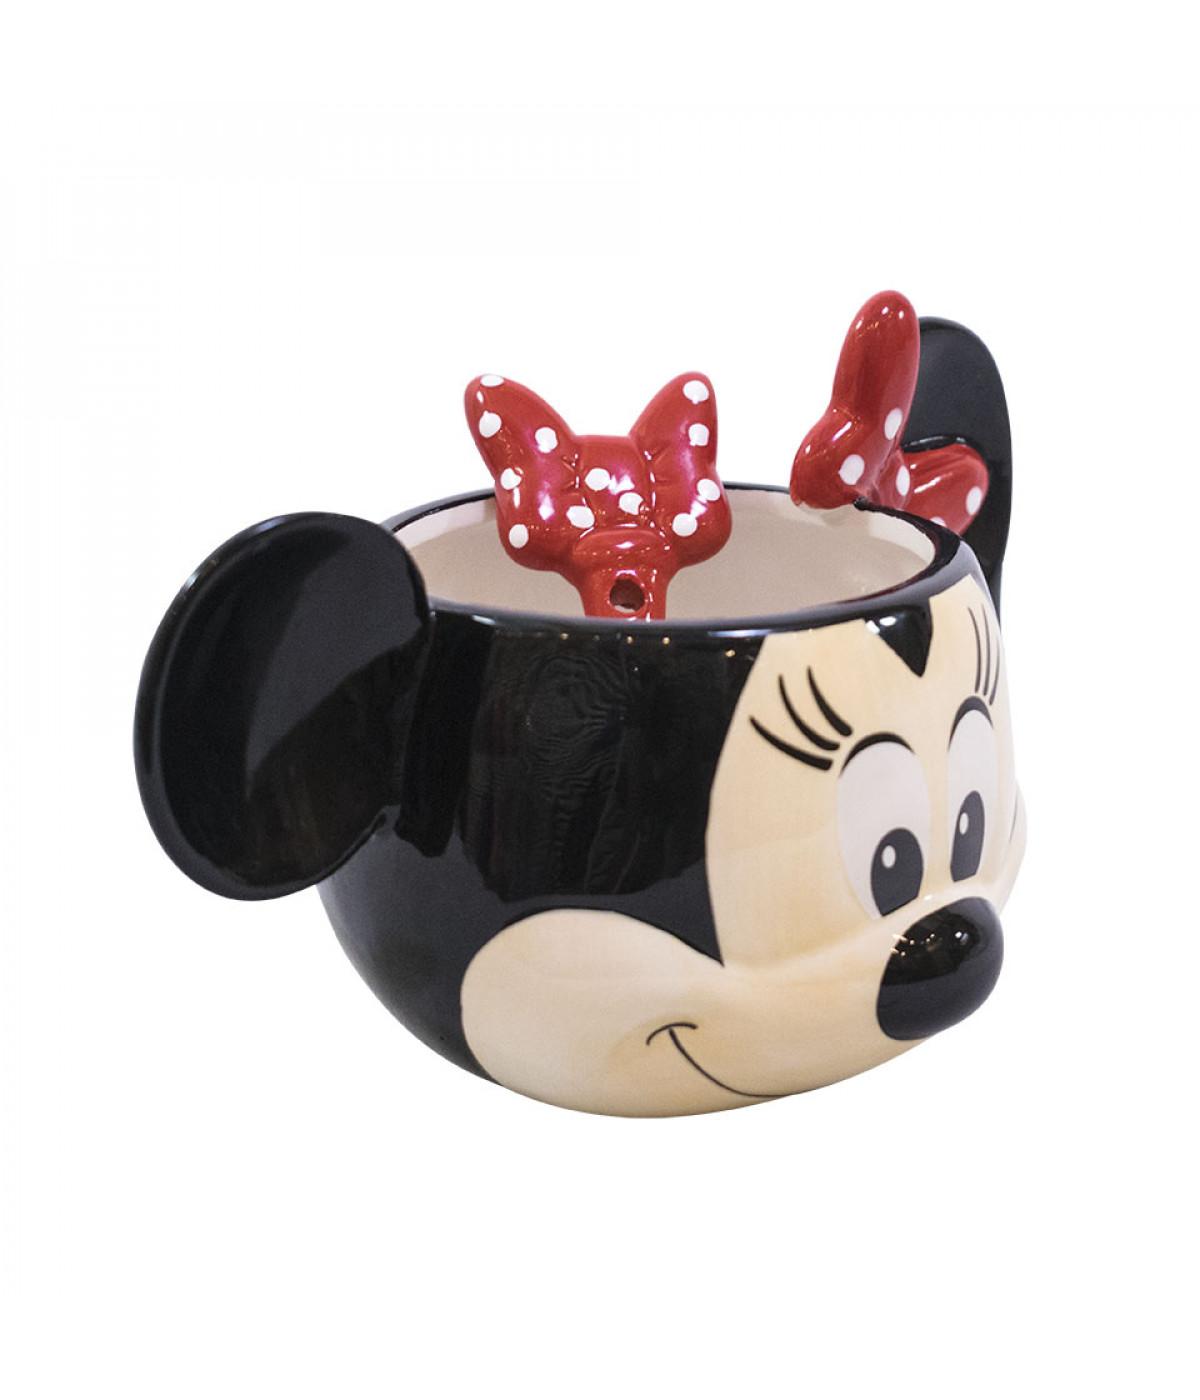 Kit Banheiro Porcelana Mickey : Kit de canecas porcelana rosto mickey e minnie oficial r